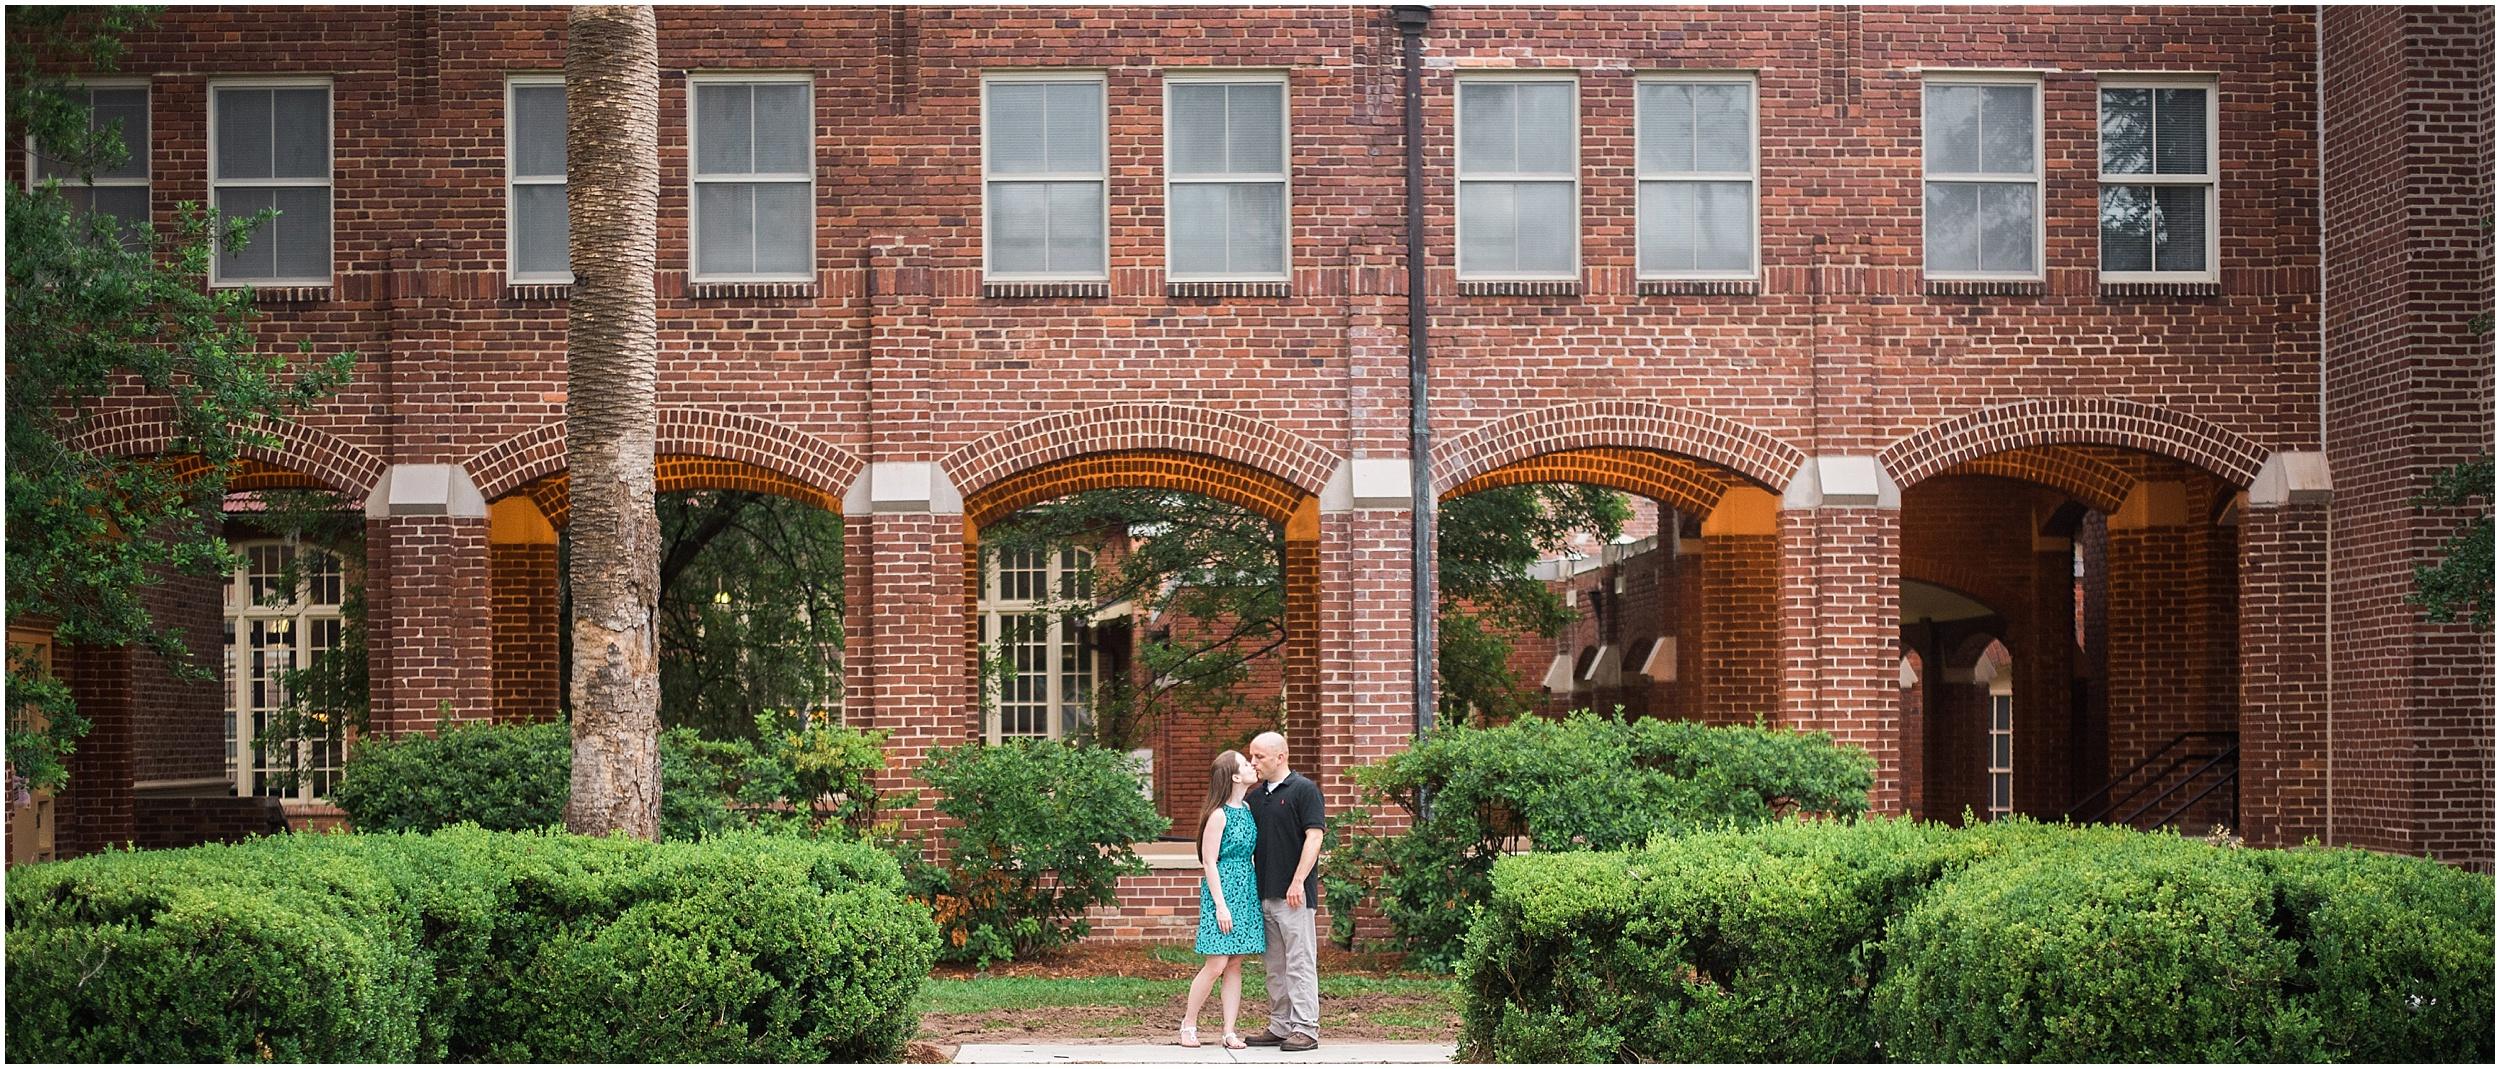 Karen & David Engagement, Florida State University_0015.jpg